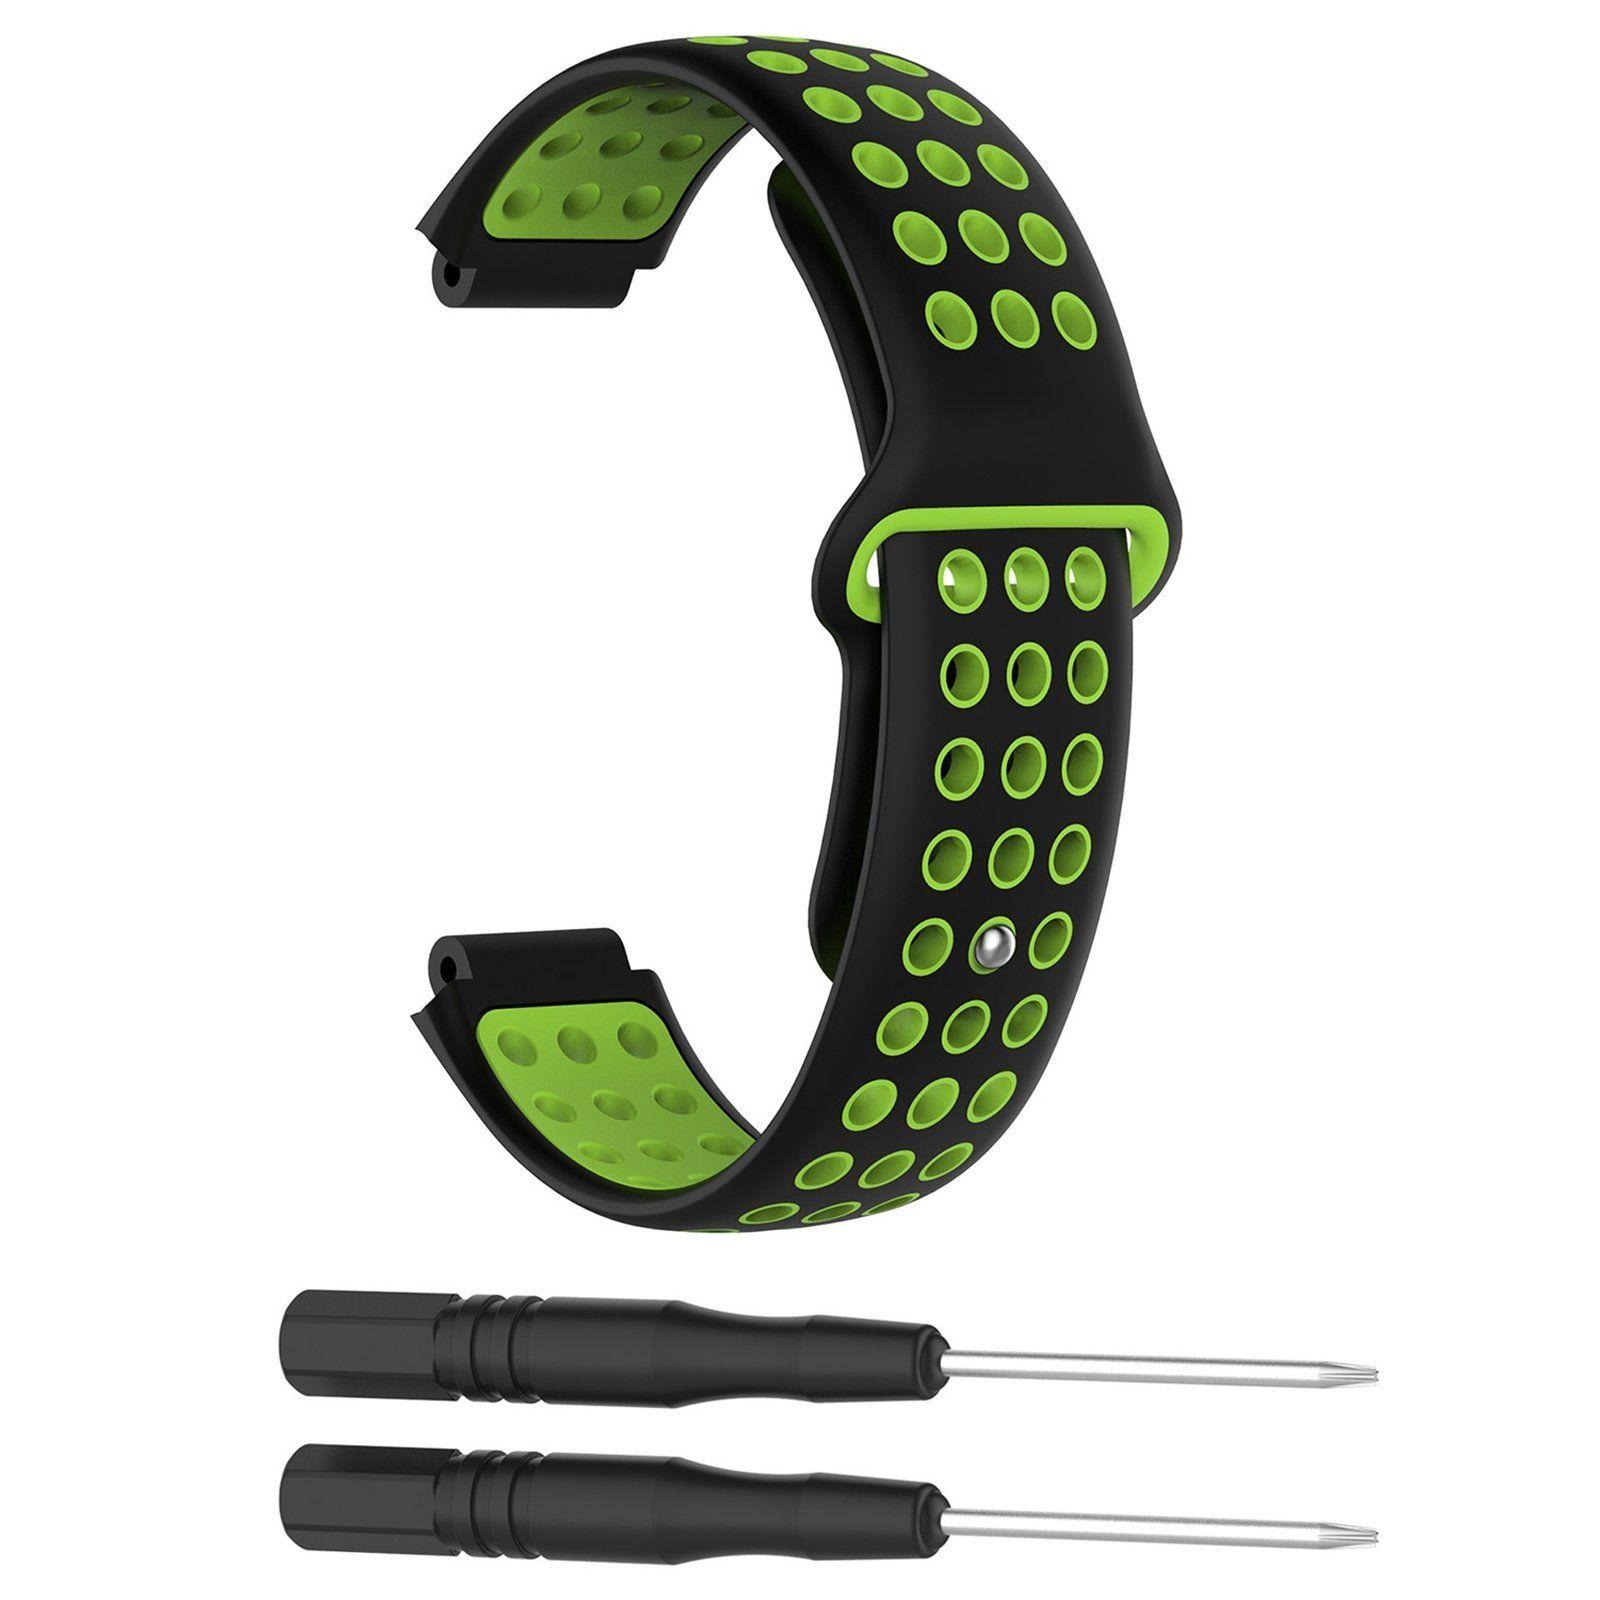 Silikonový vyměnitelný pásek / řemínek pro Garmin Approach S20 - černo zelený